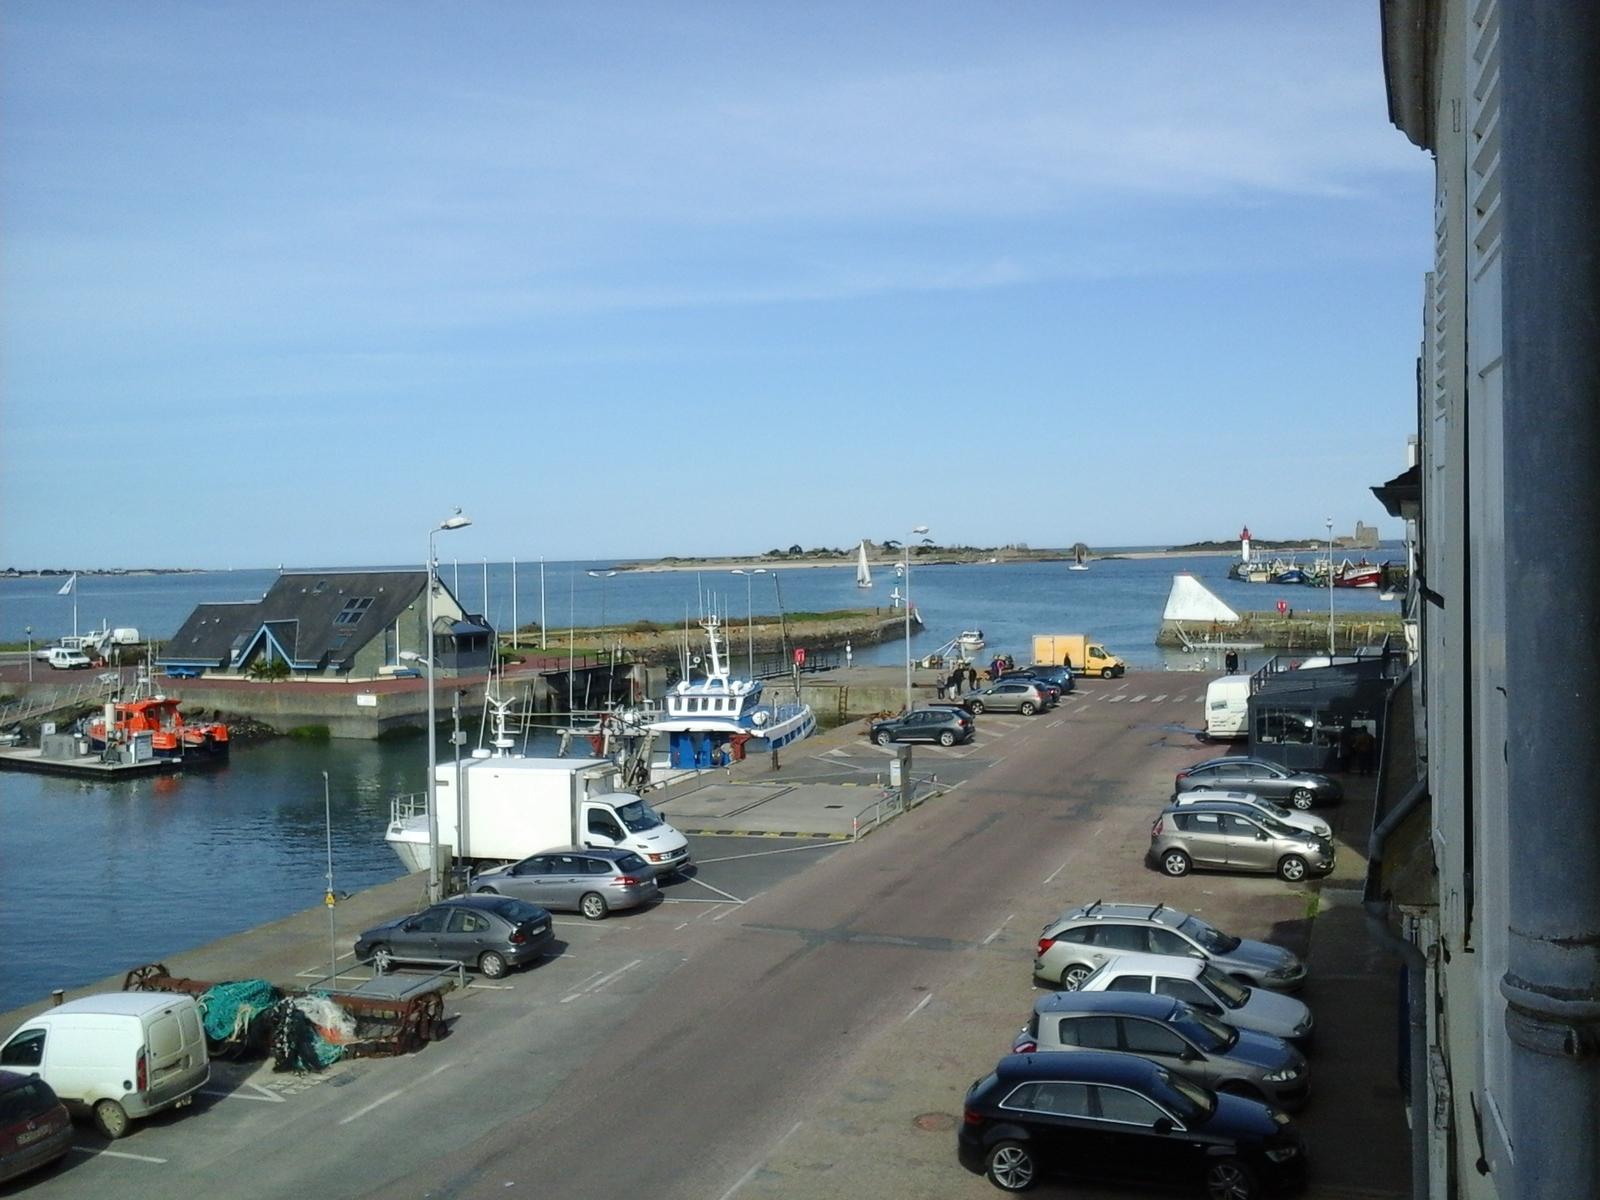 Image n°11 du gîte de mer : Vue depuis le gîte. Au fond le fort de la Hougue